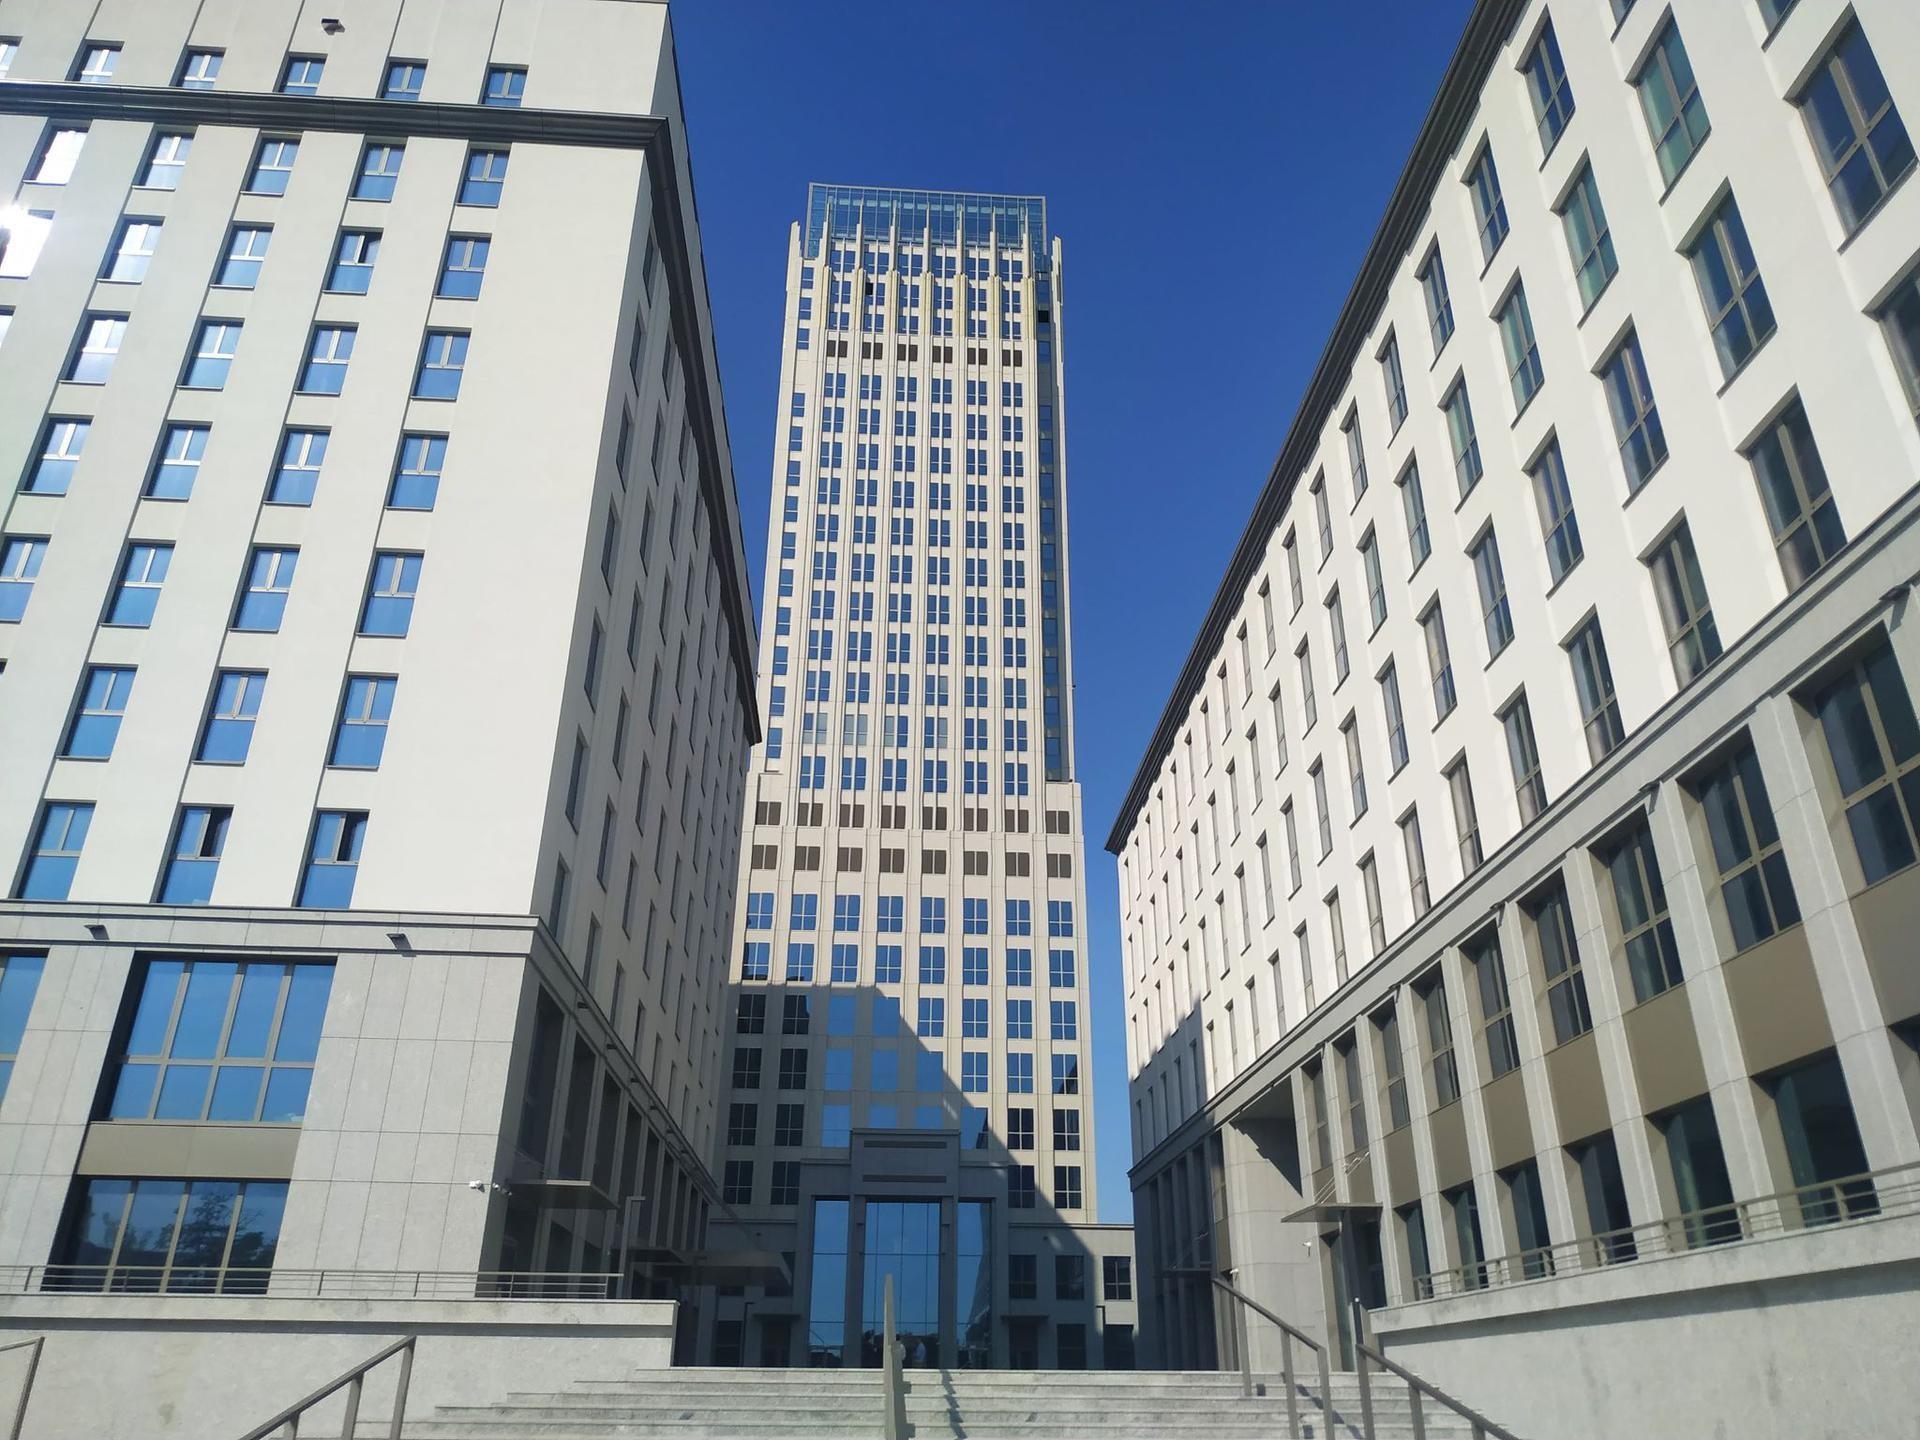 Rodzaj budynku: Powierzchnia użytkowa: Kubatura: Wykonanie świadectw charakterystyki energetycznej budynków.